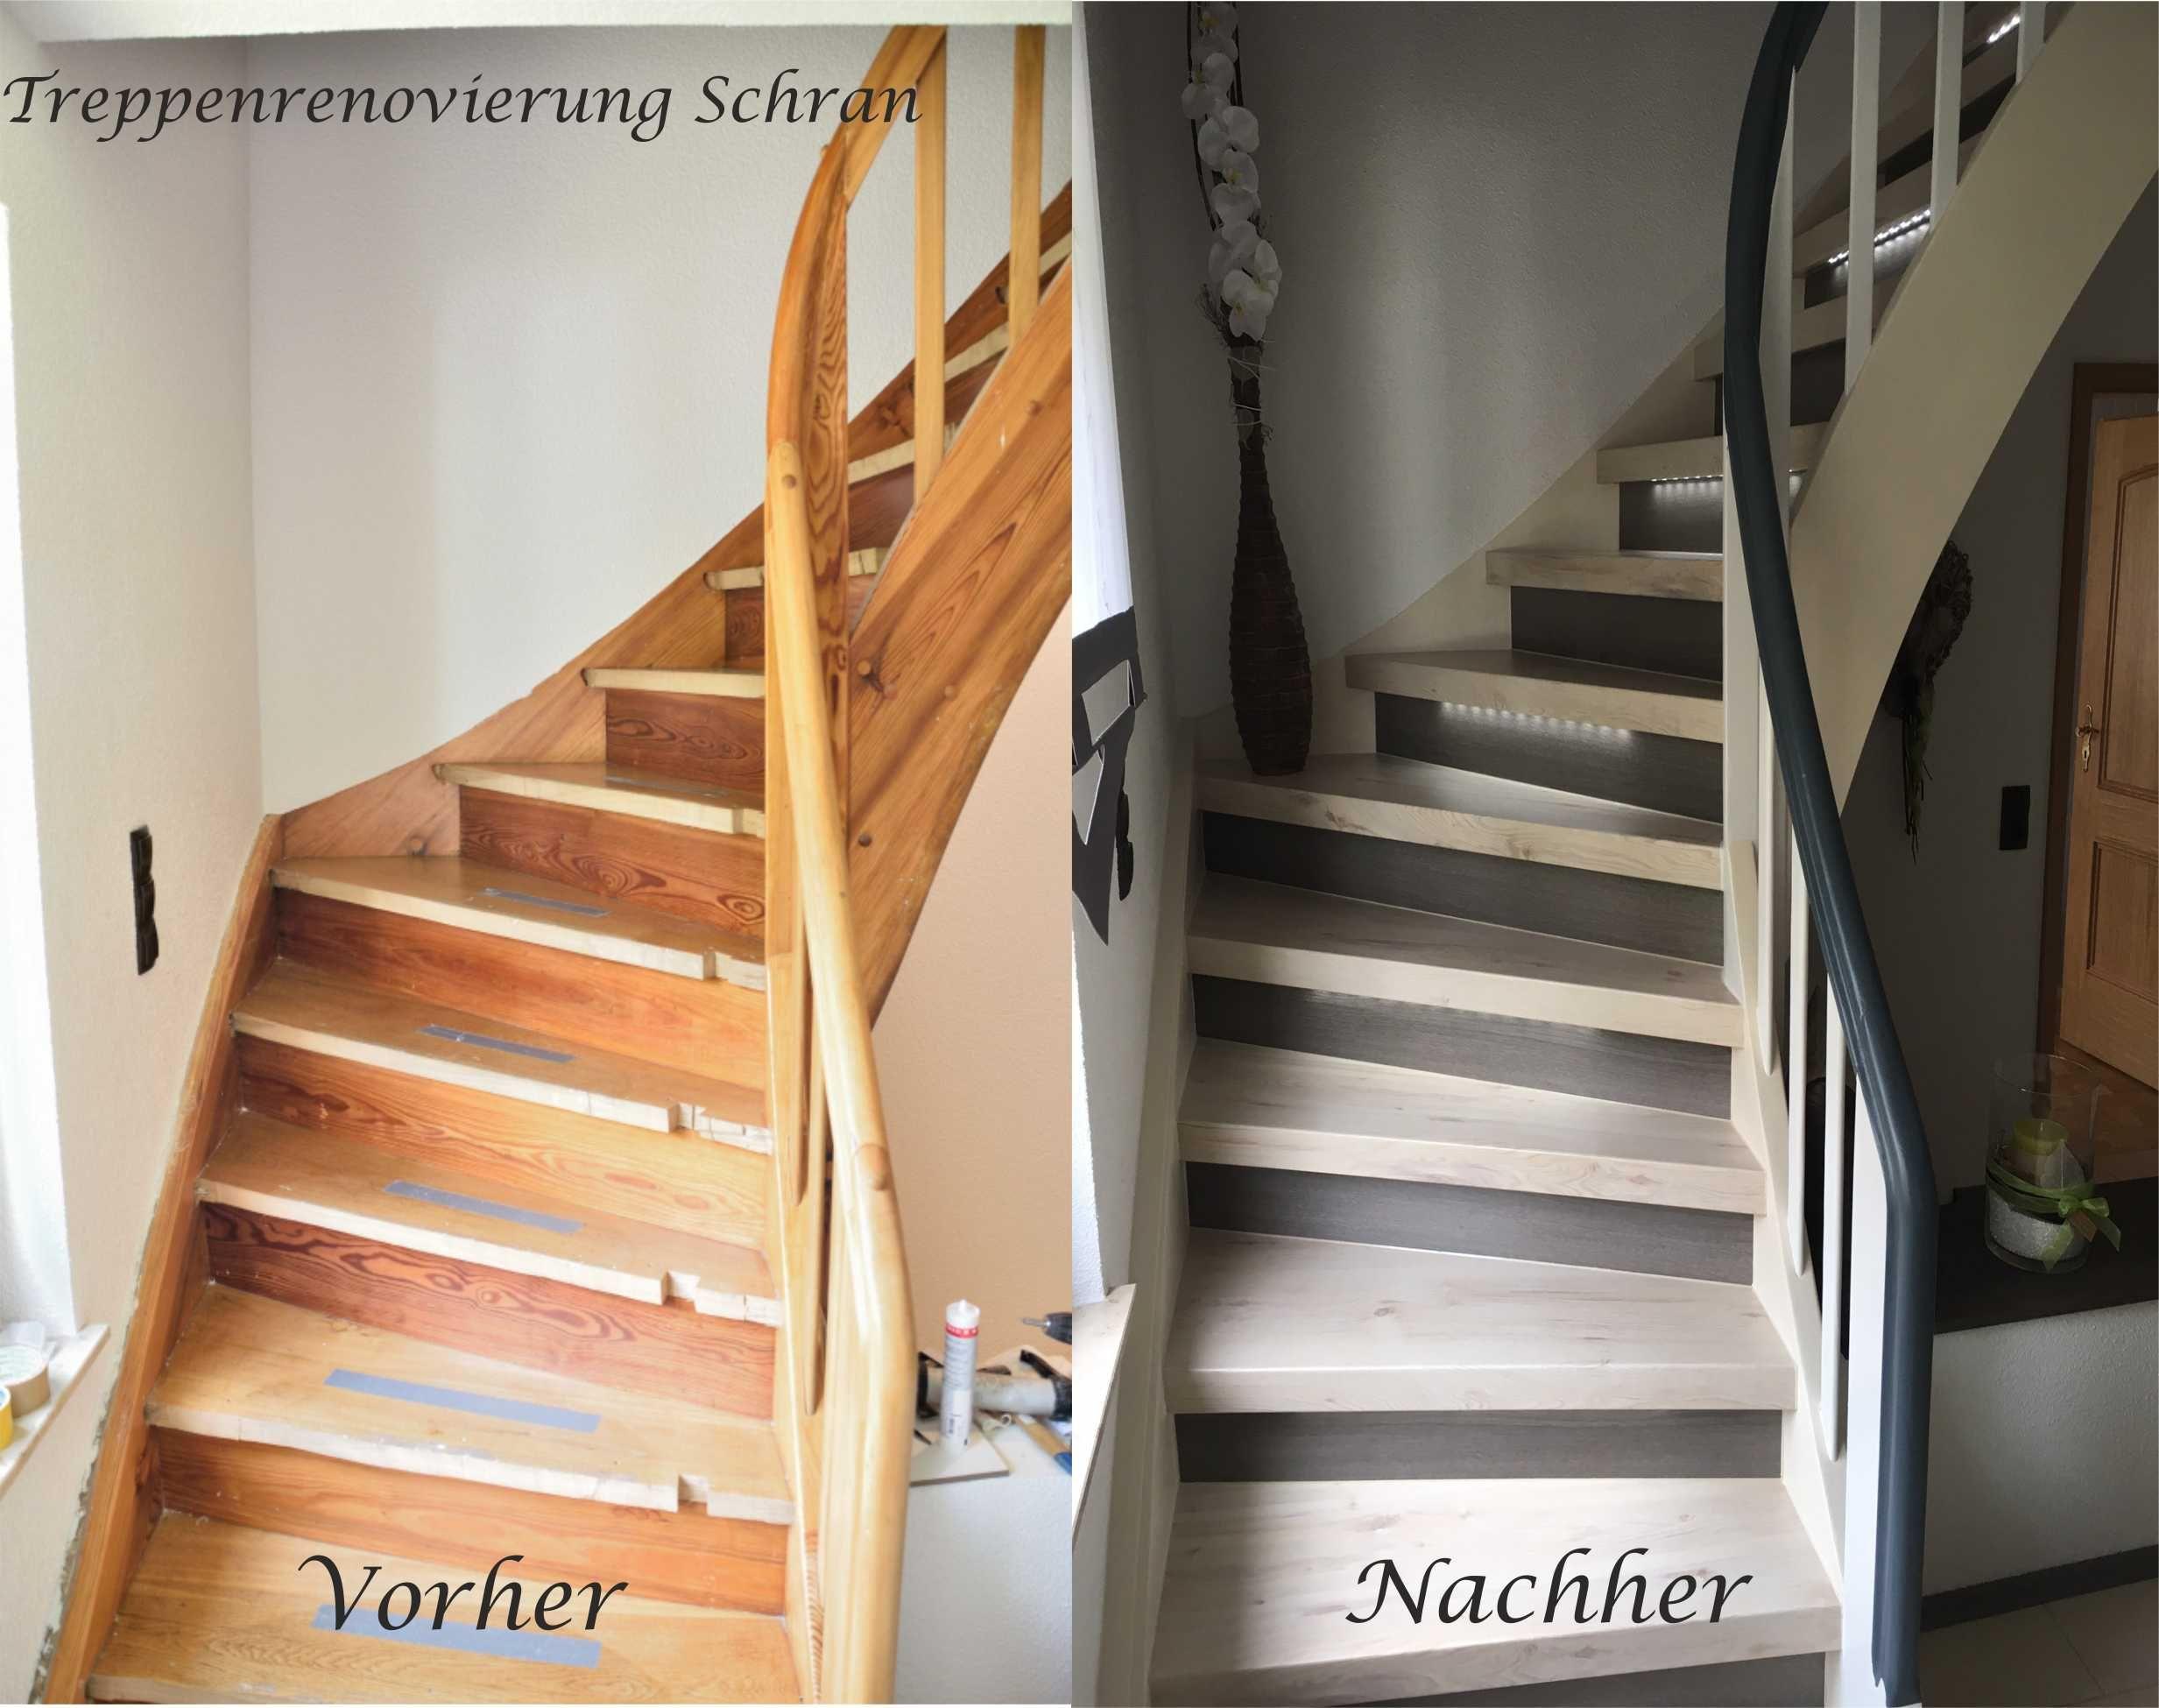 Vor und nach der renovierung des hauses bildergalerie  treppenrenovierung  treppe  pinterest  stair